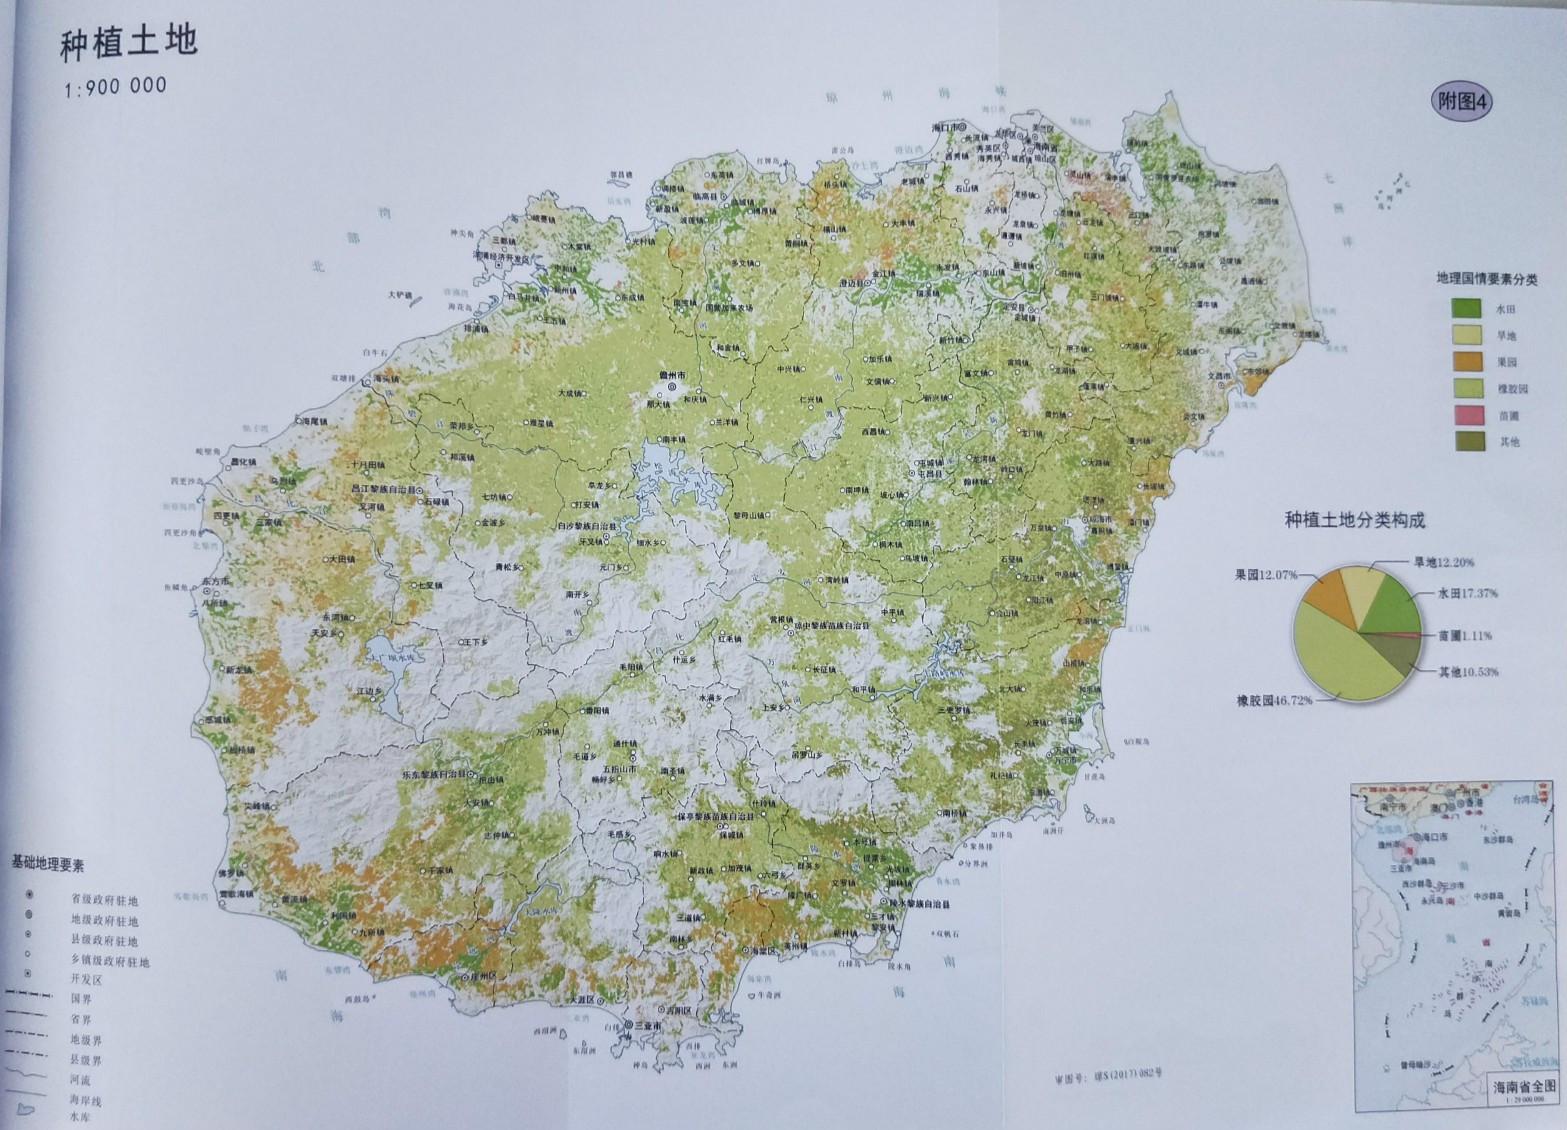 海南人口有多少个_海南人口突破1000万